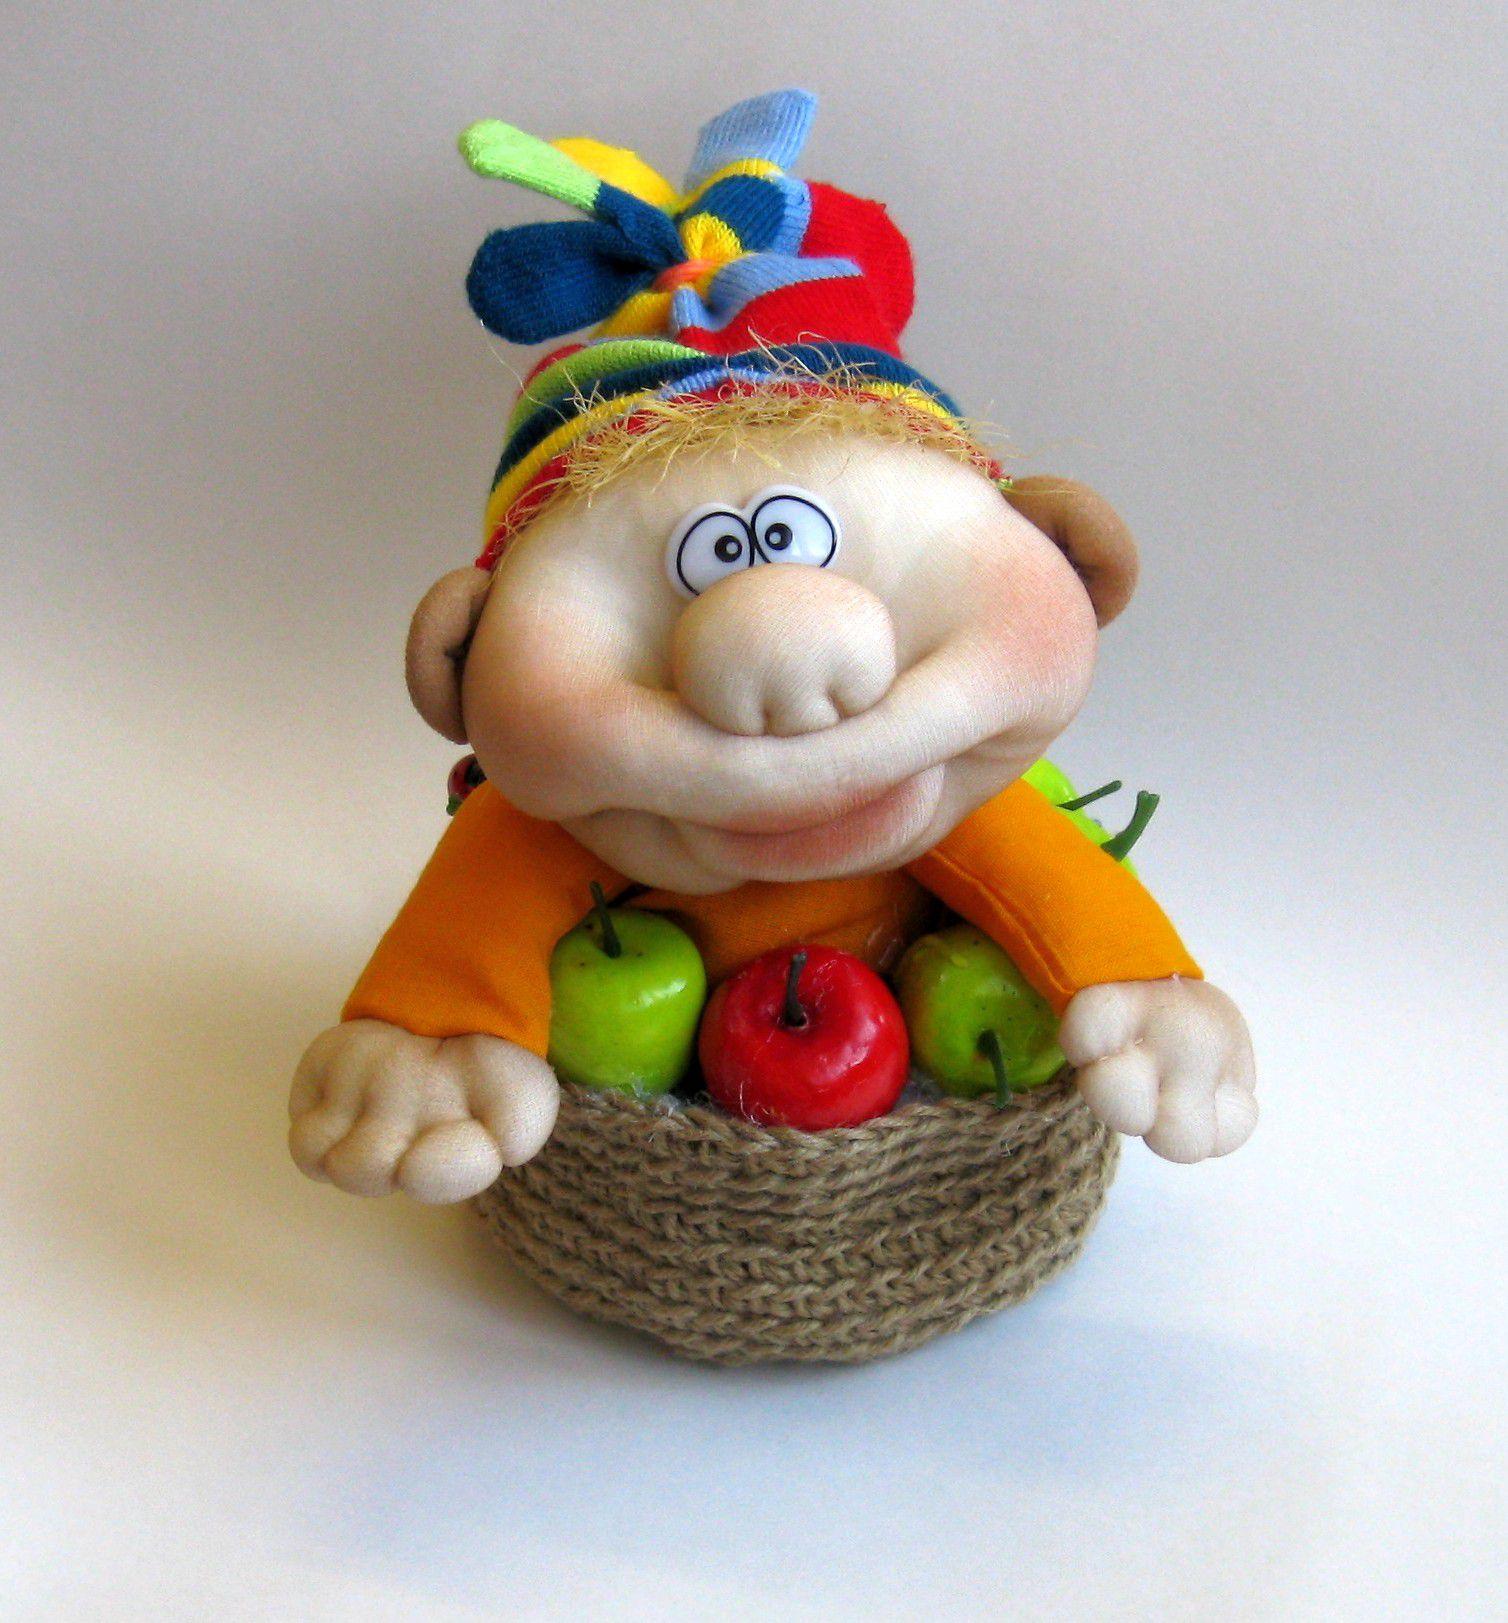 интерьерная интерьера оберег подарка на оранжевый гном игрушка дома веселый интересный удачу гномы сувениры идея домовой кукла работа домовенок ручная для сувенир яблоко и оригинальный подарки чулочная подарок гномик талисман